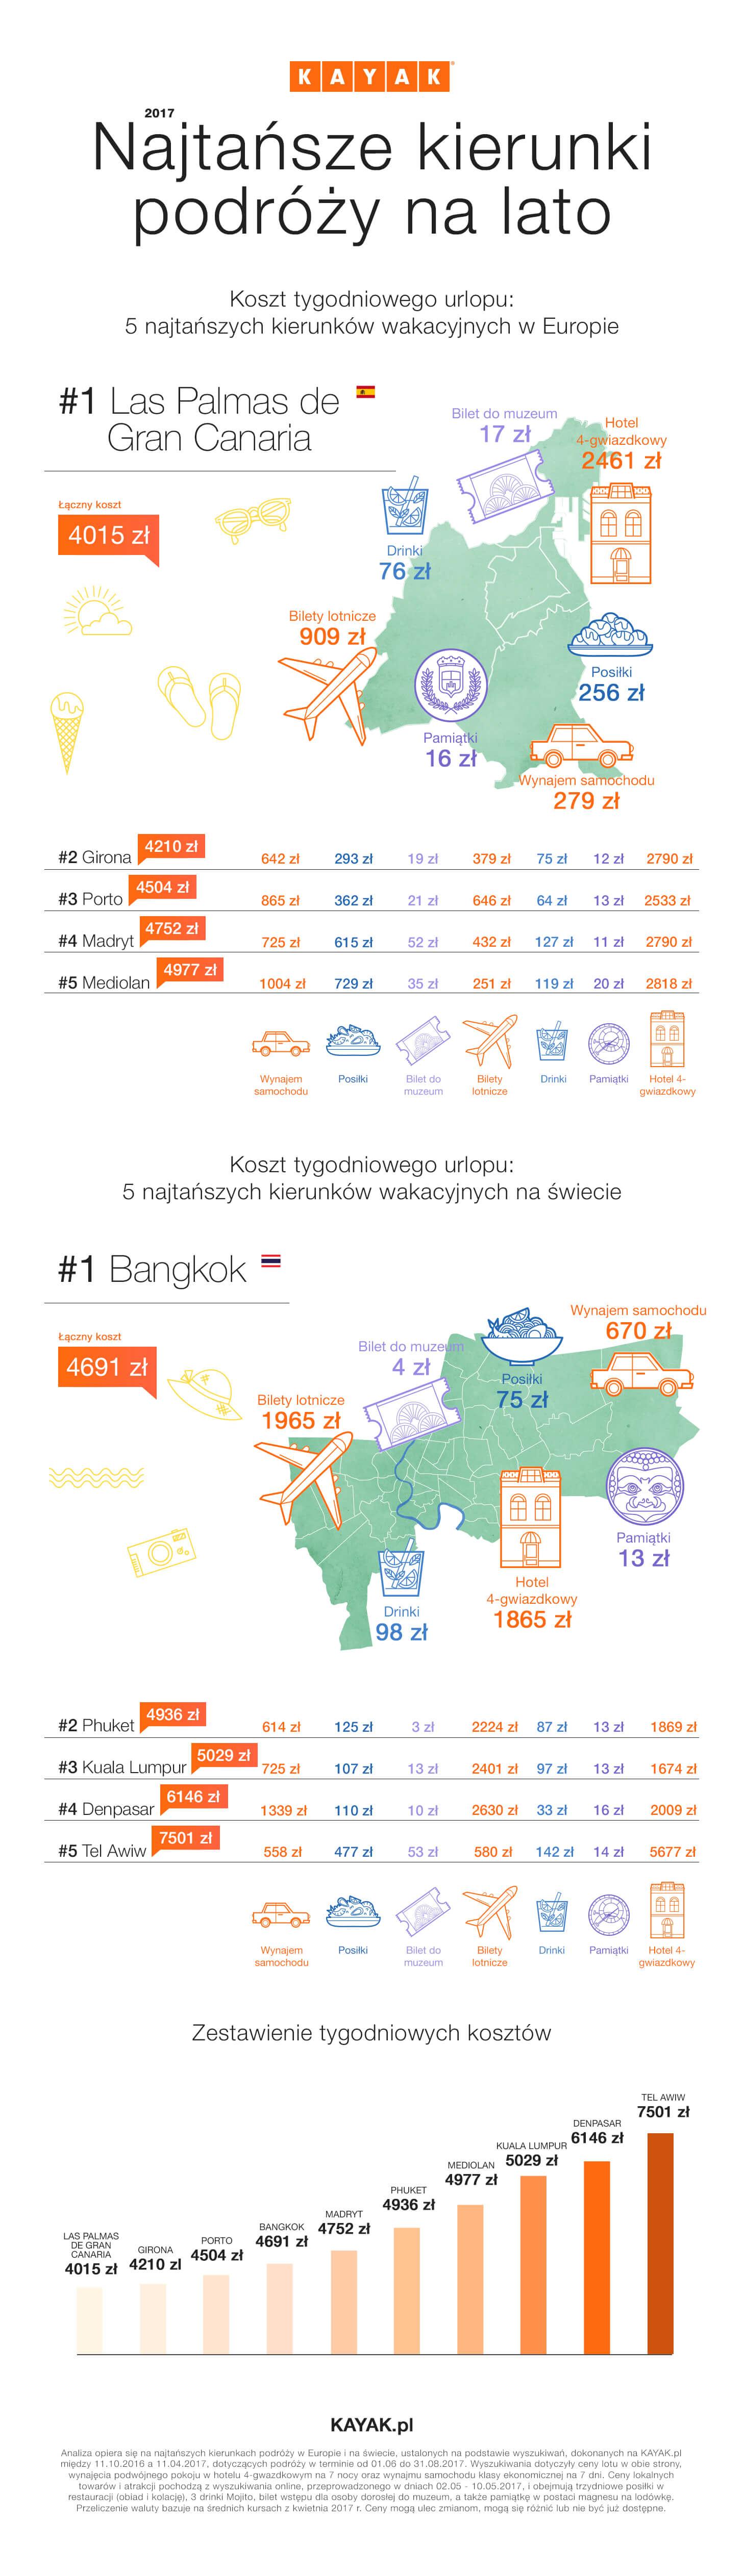 Infografika z najtanszymi kierunkami podrozy